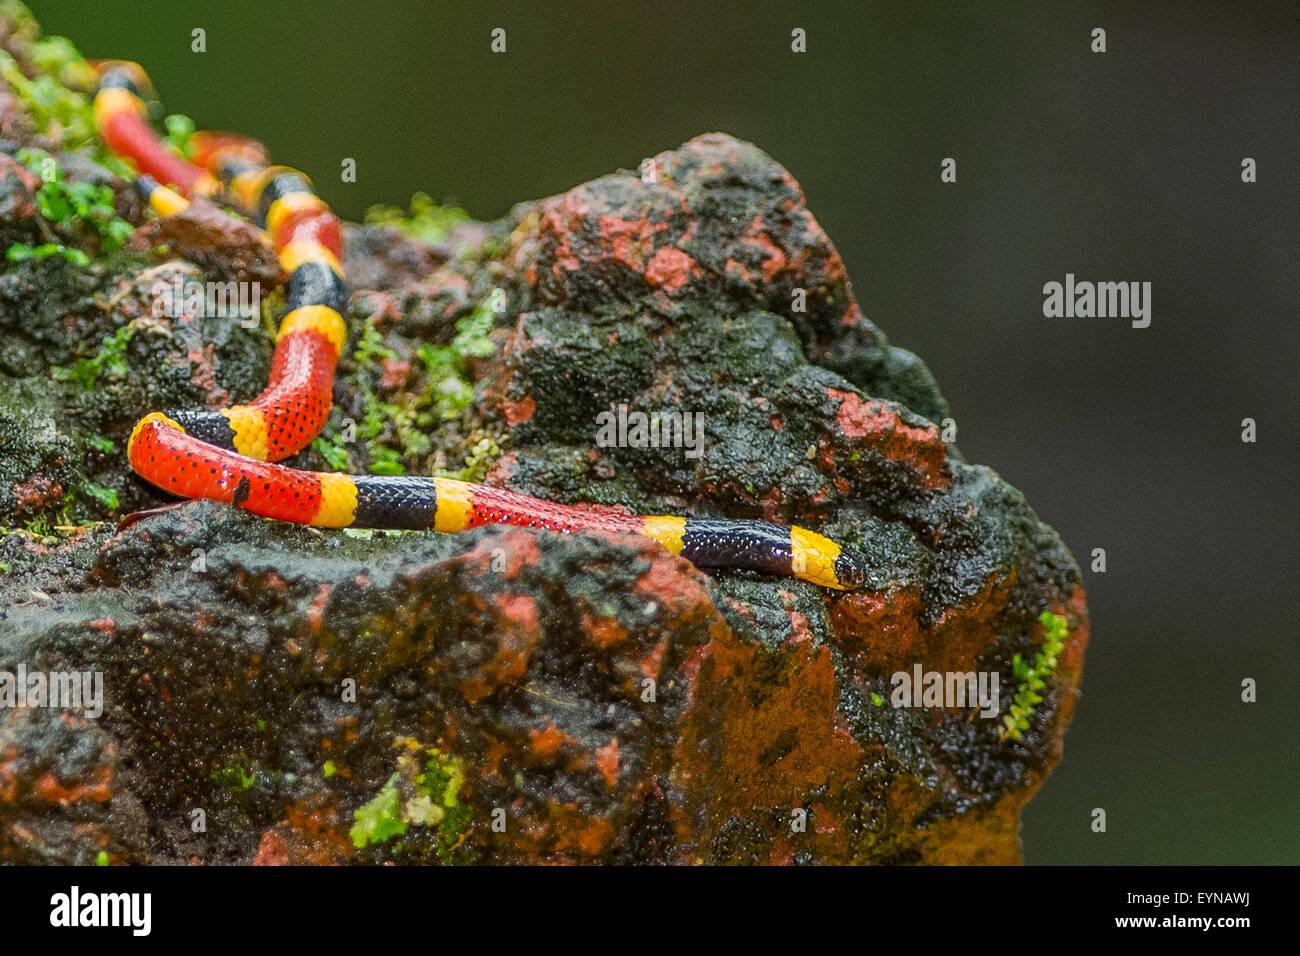 L'Amérique centrale un serpent corail Photo Stock